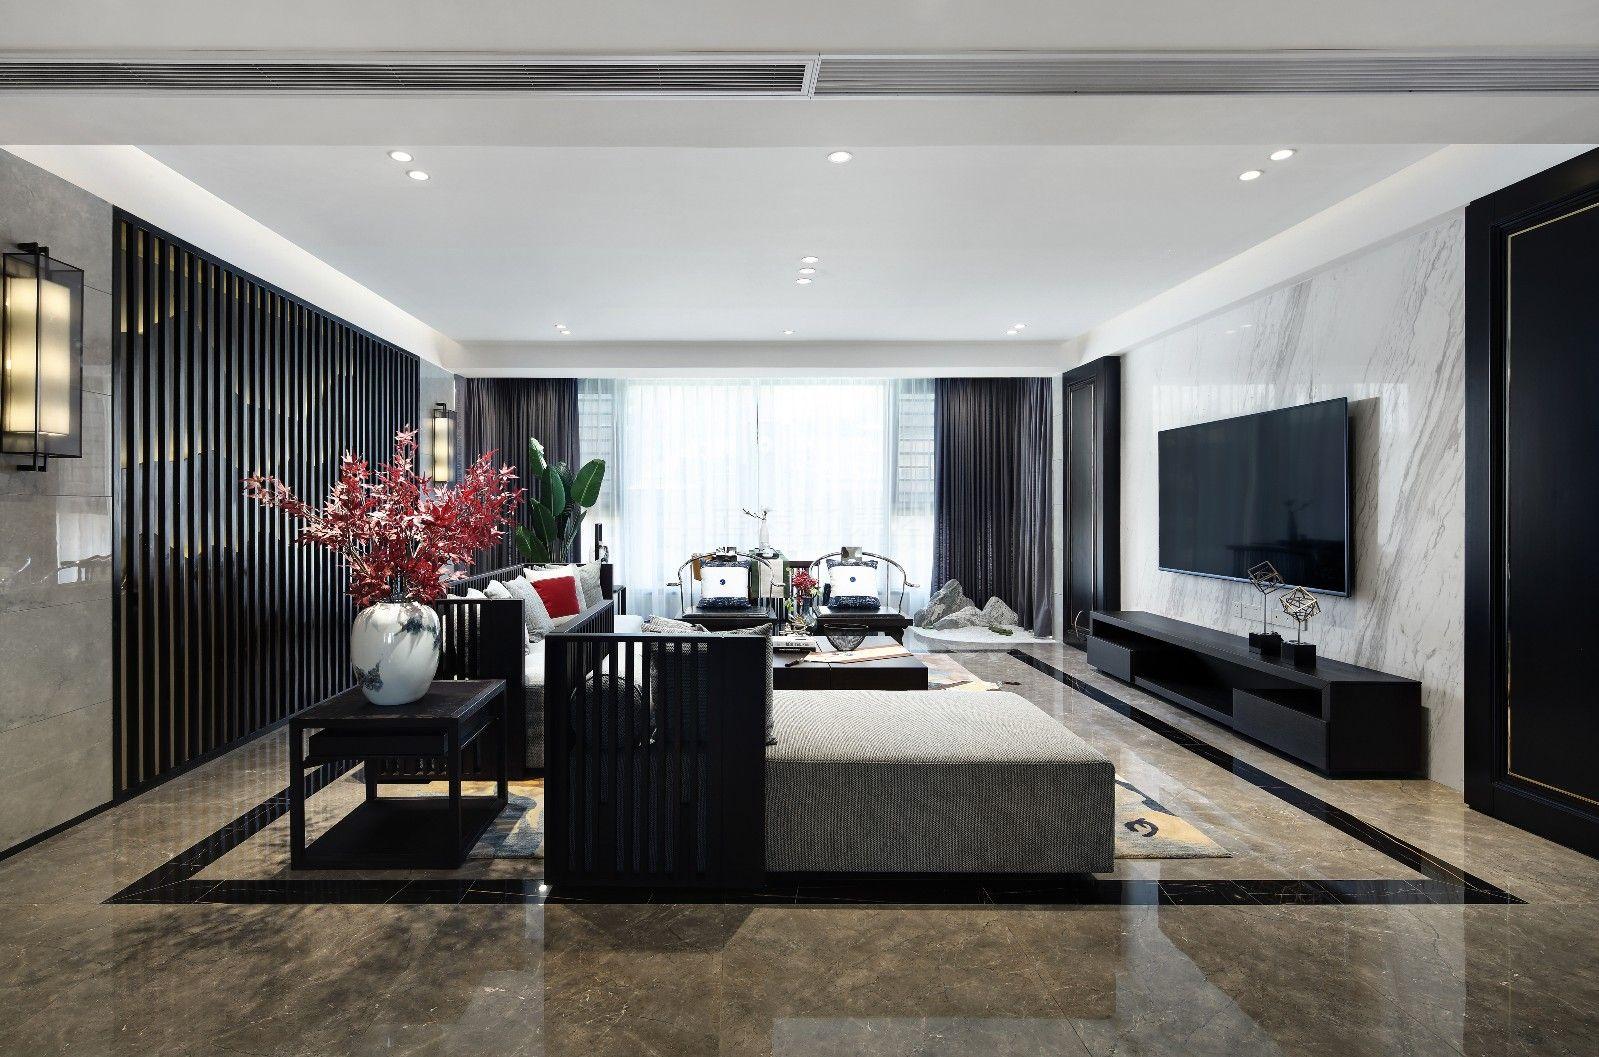 龙光玖誉城145㎡新中式风格案例